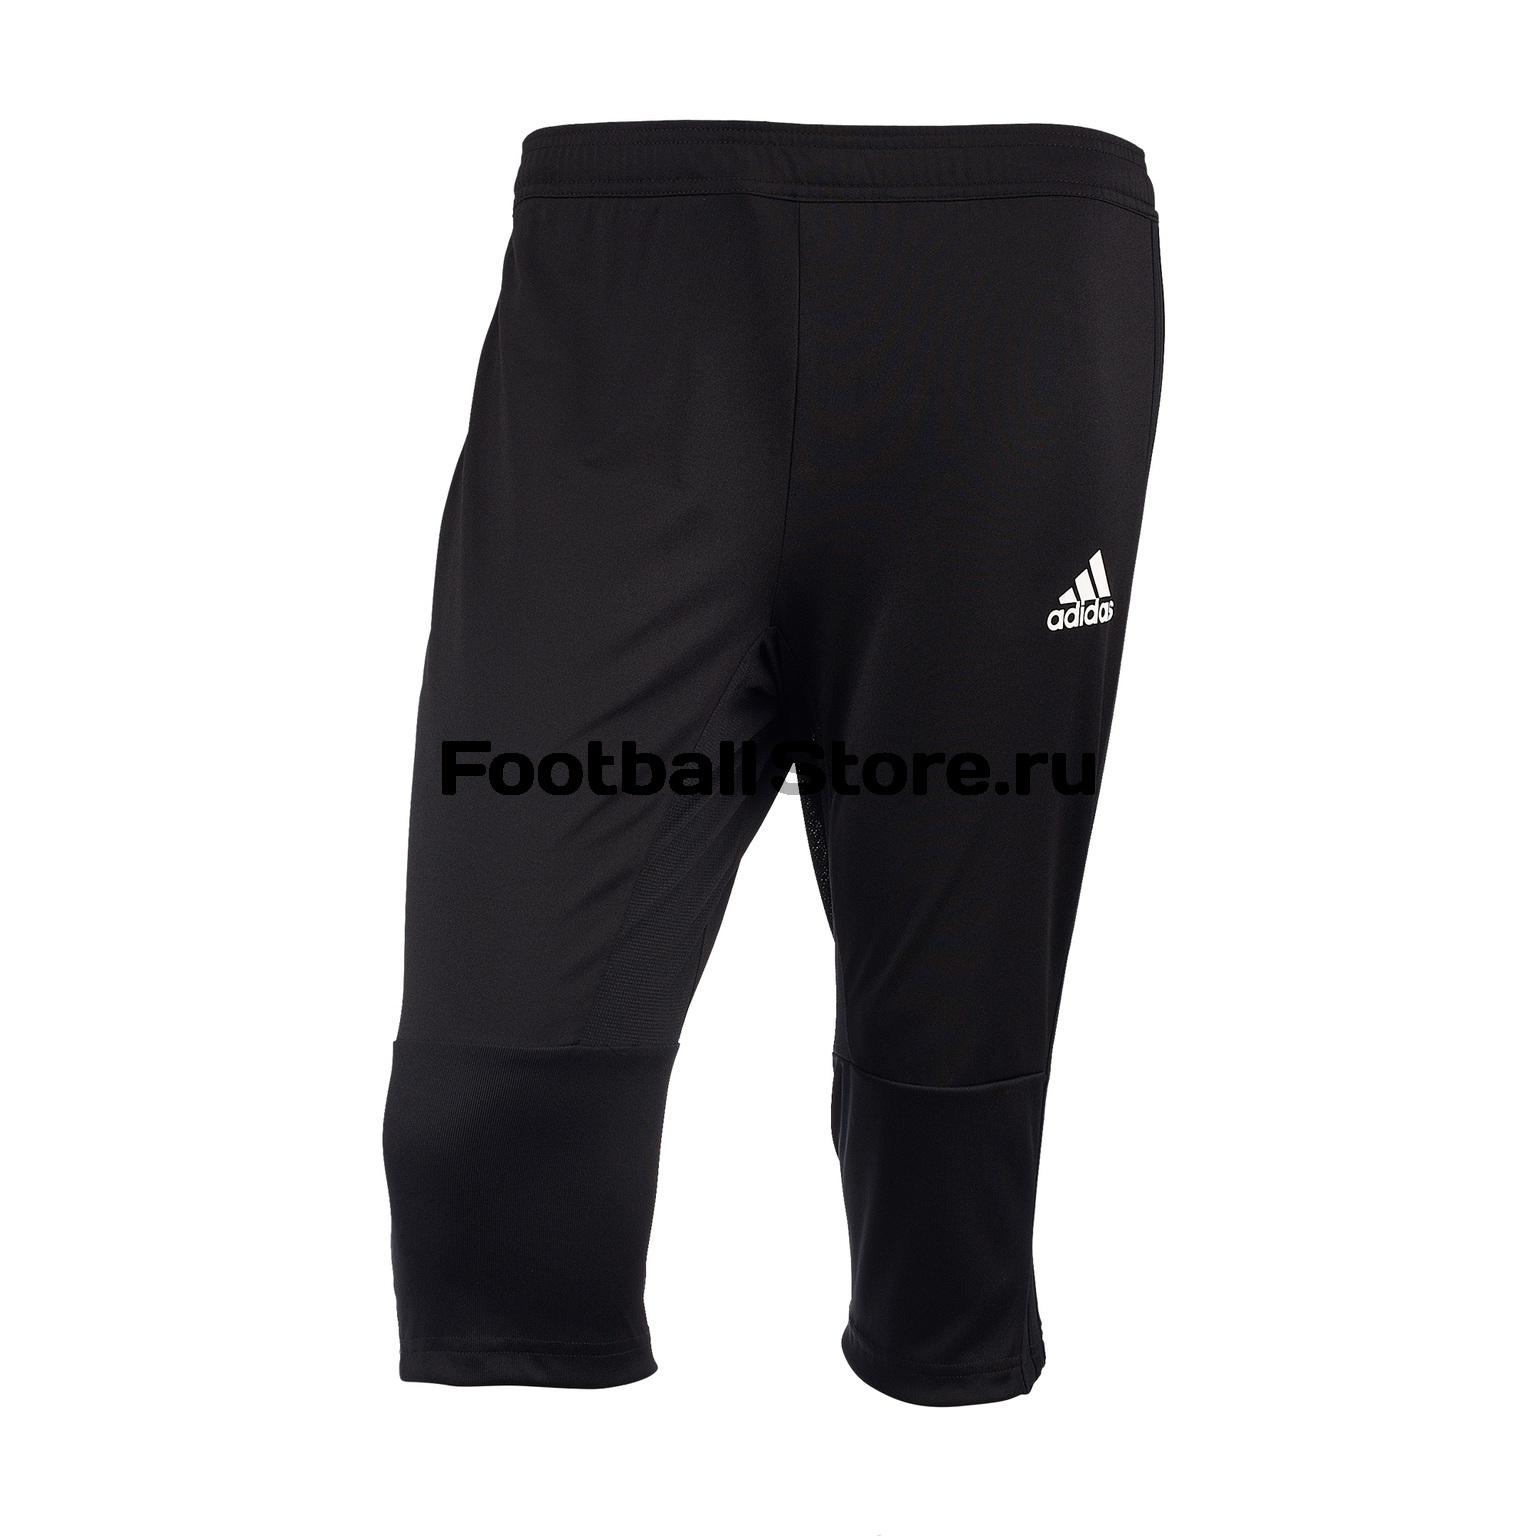 Бриджи тренировочные Adidas Con18 3/4 PNT CF4384 брюки adidas брюки тренировочные adidas tiro17 3 4 pnt bq2645